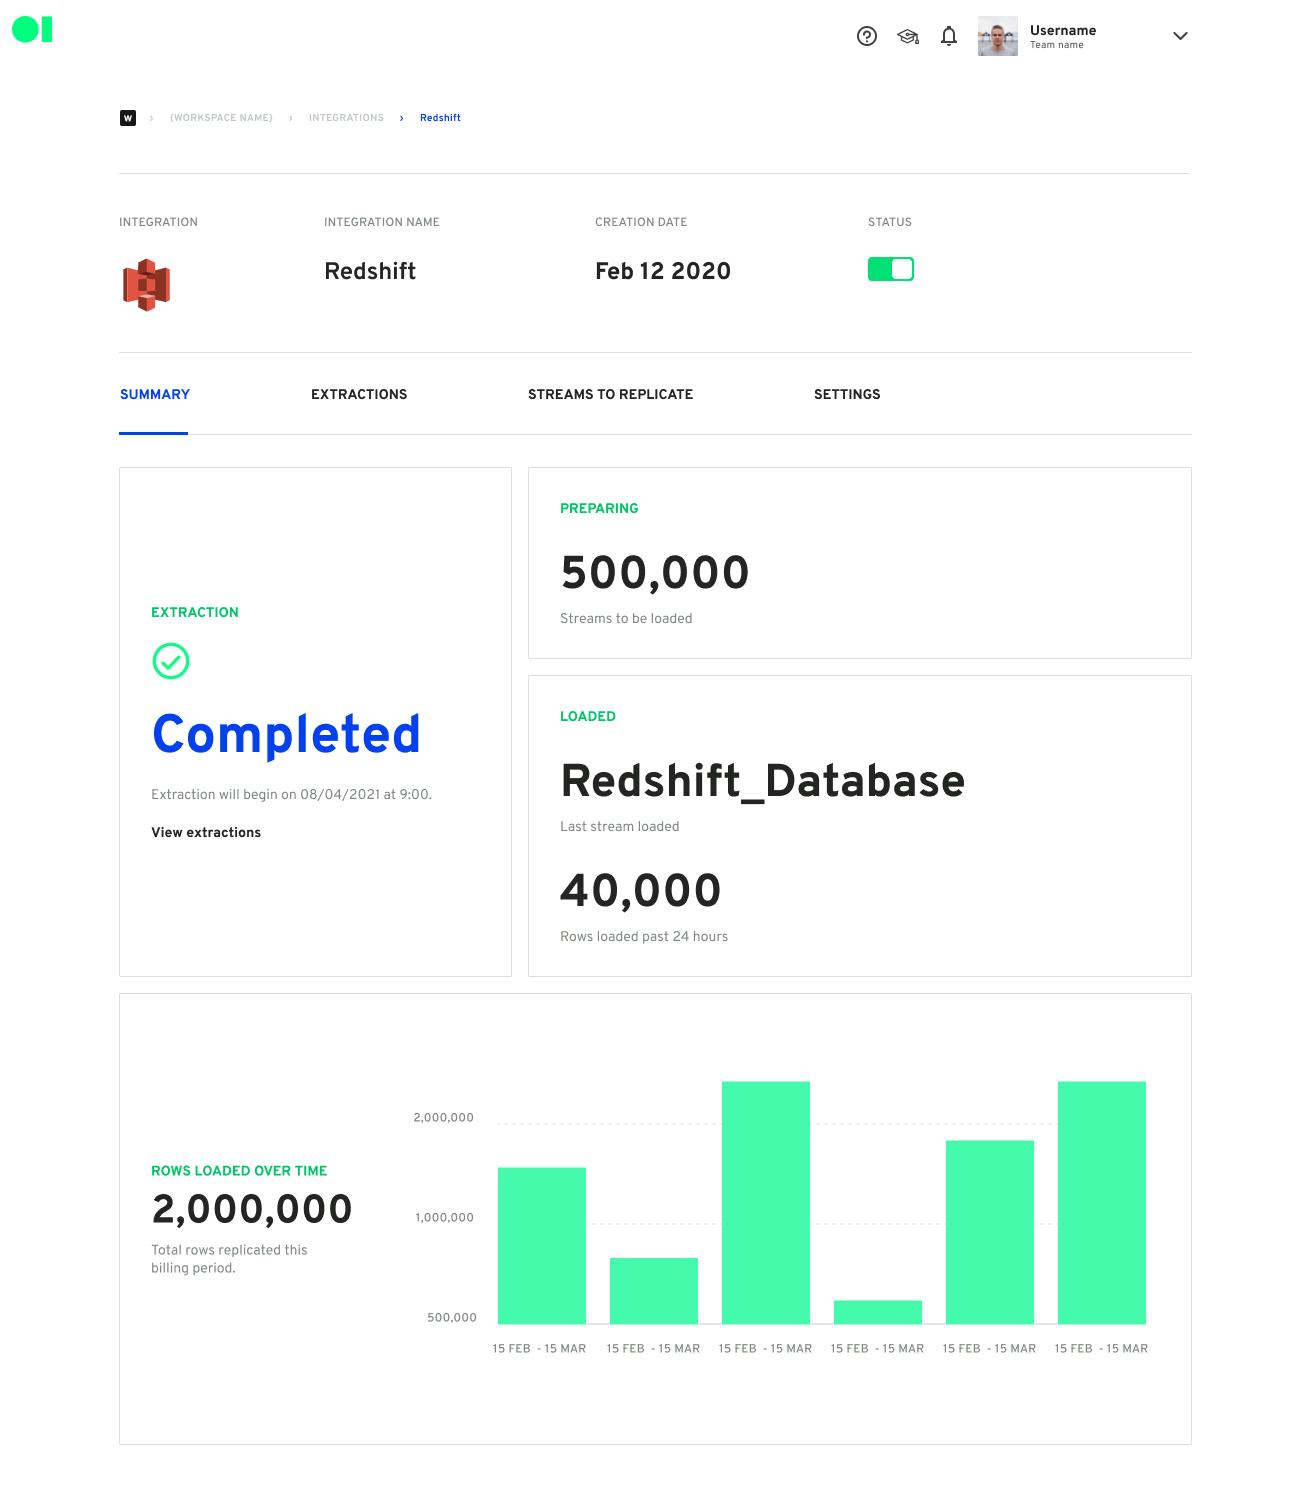 A data source dashboard